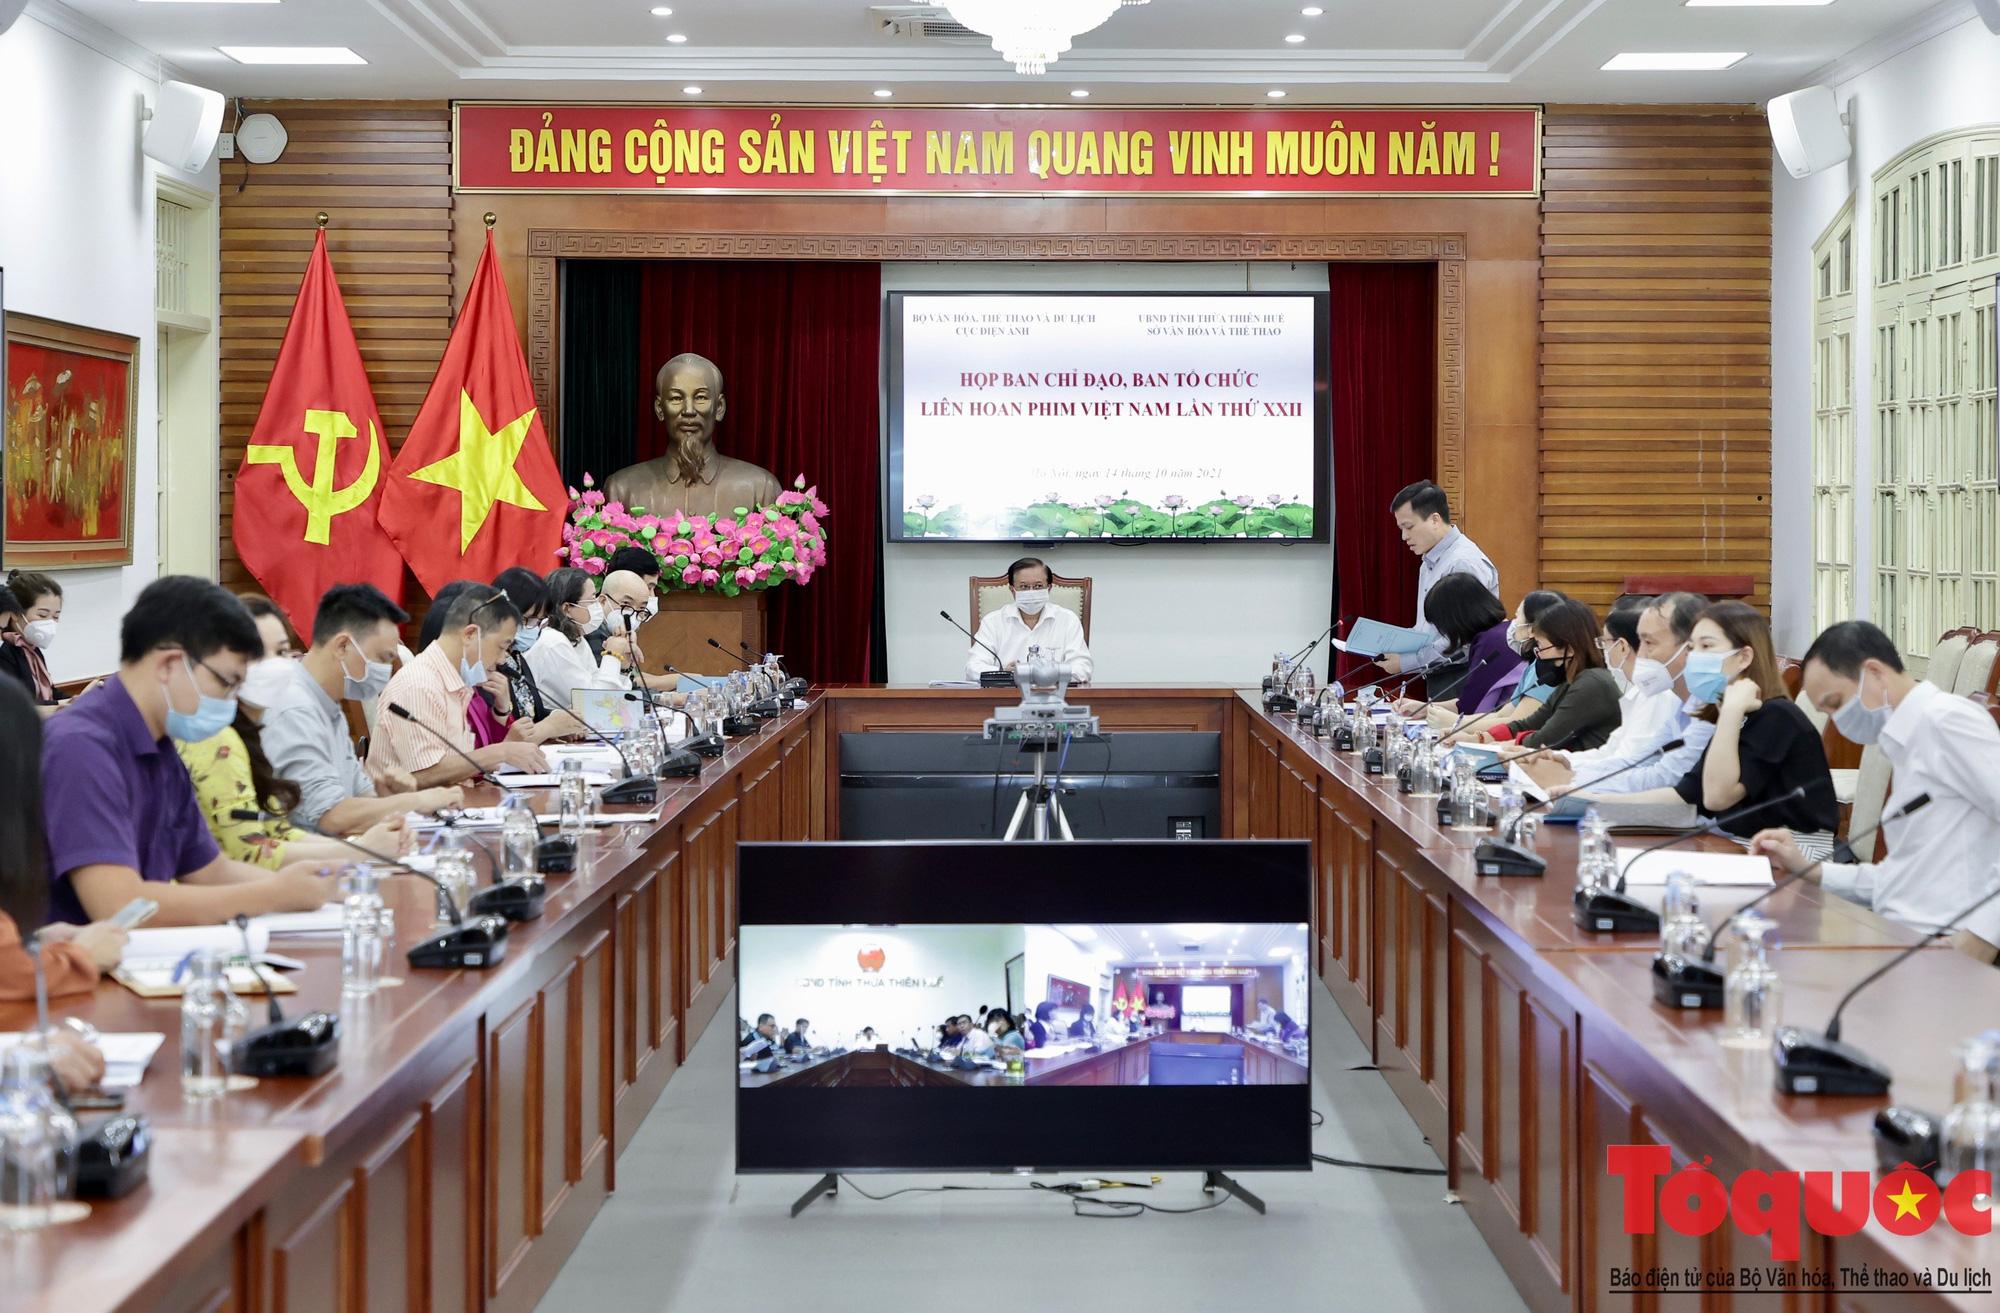 Nỗ lực vì một Liên hoan phim Việt Nam lần thứ XXII ấn tượng, thành công - Ảnh 1.